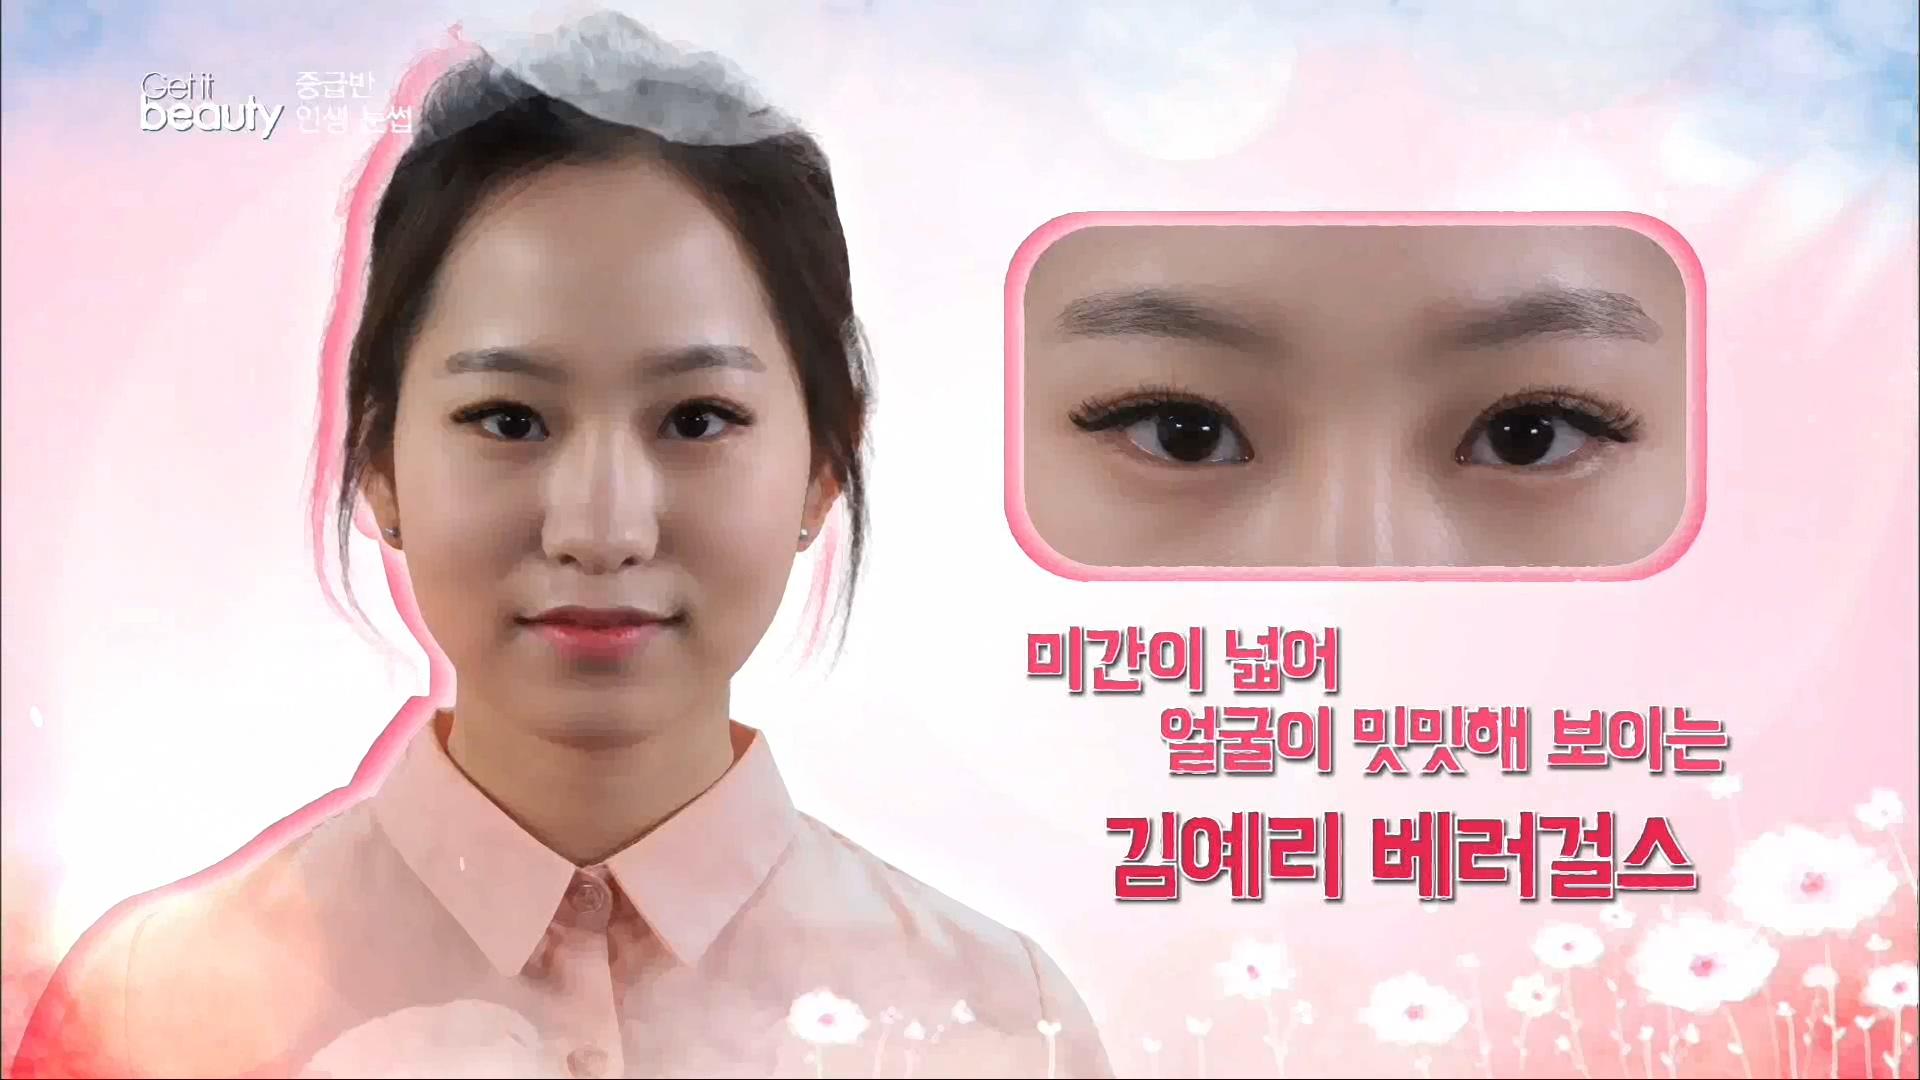 다음은 미간이 넓어 얼굴이 밋밋해 보이는 김예리 베러걸스예요